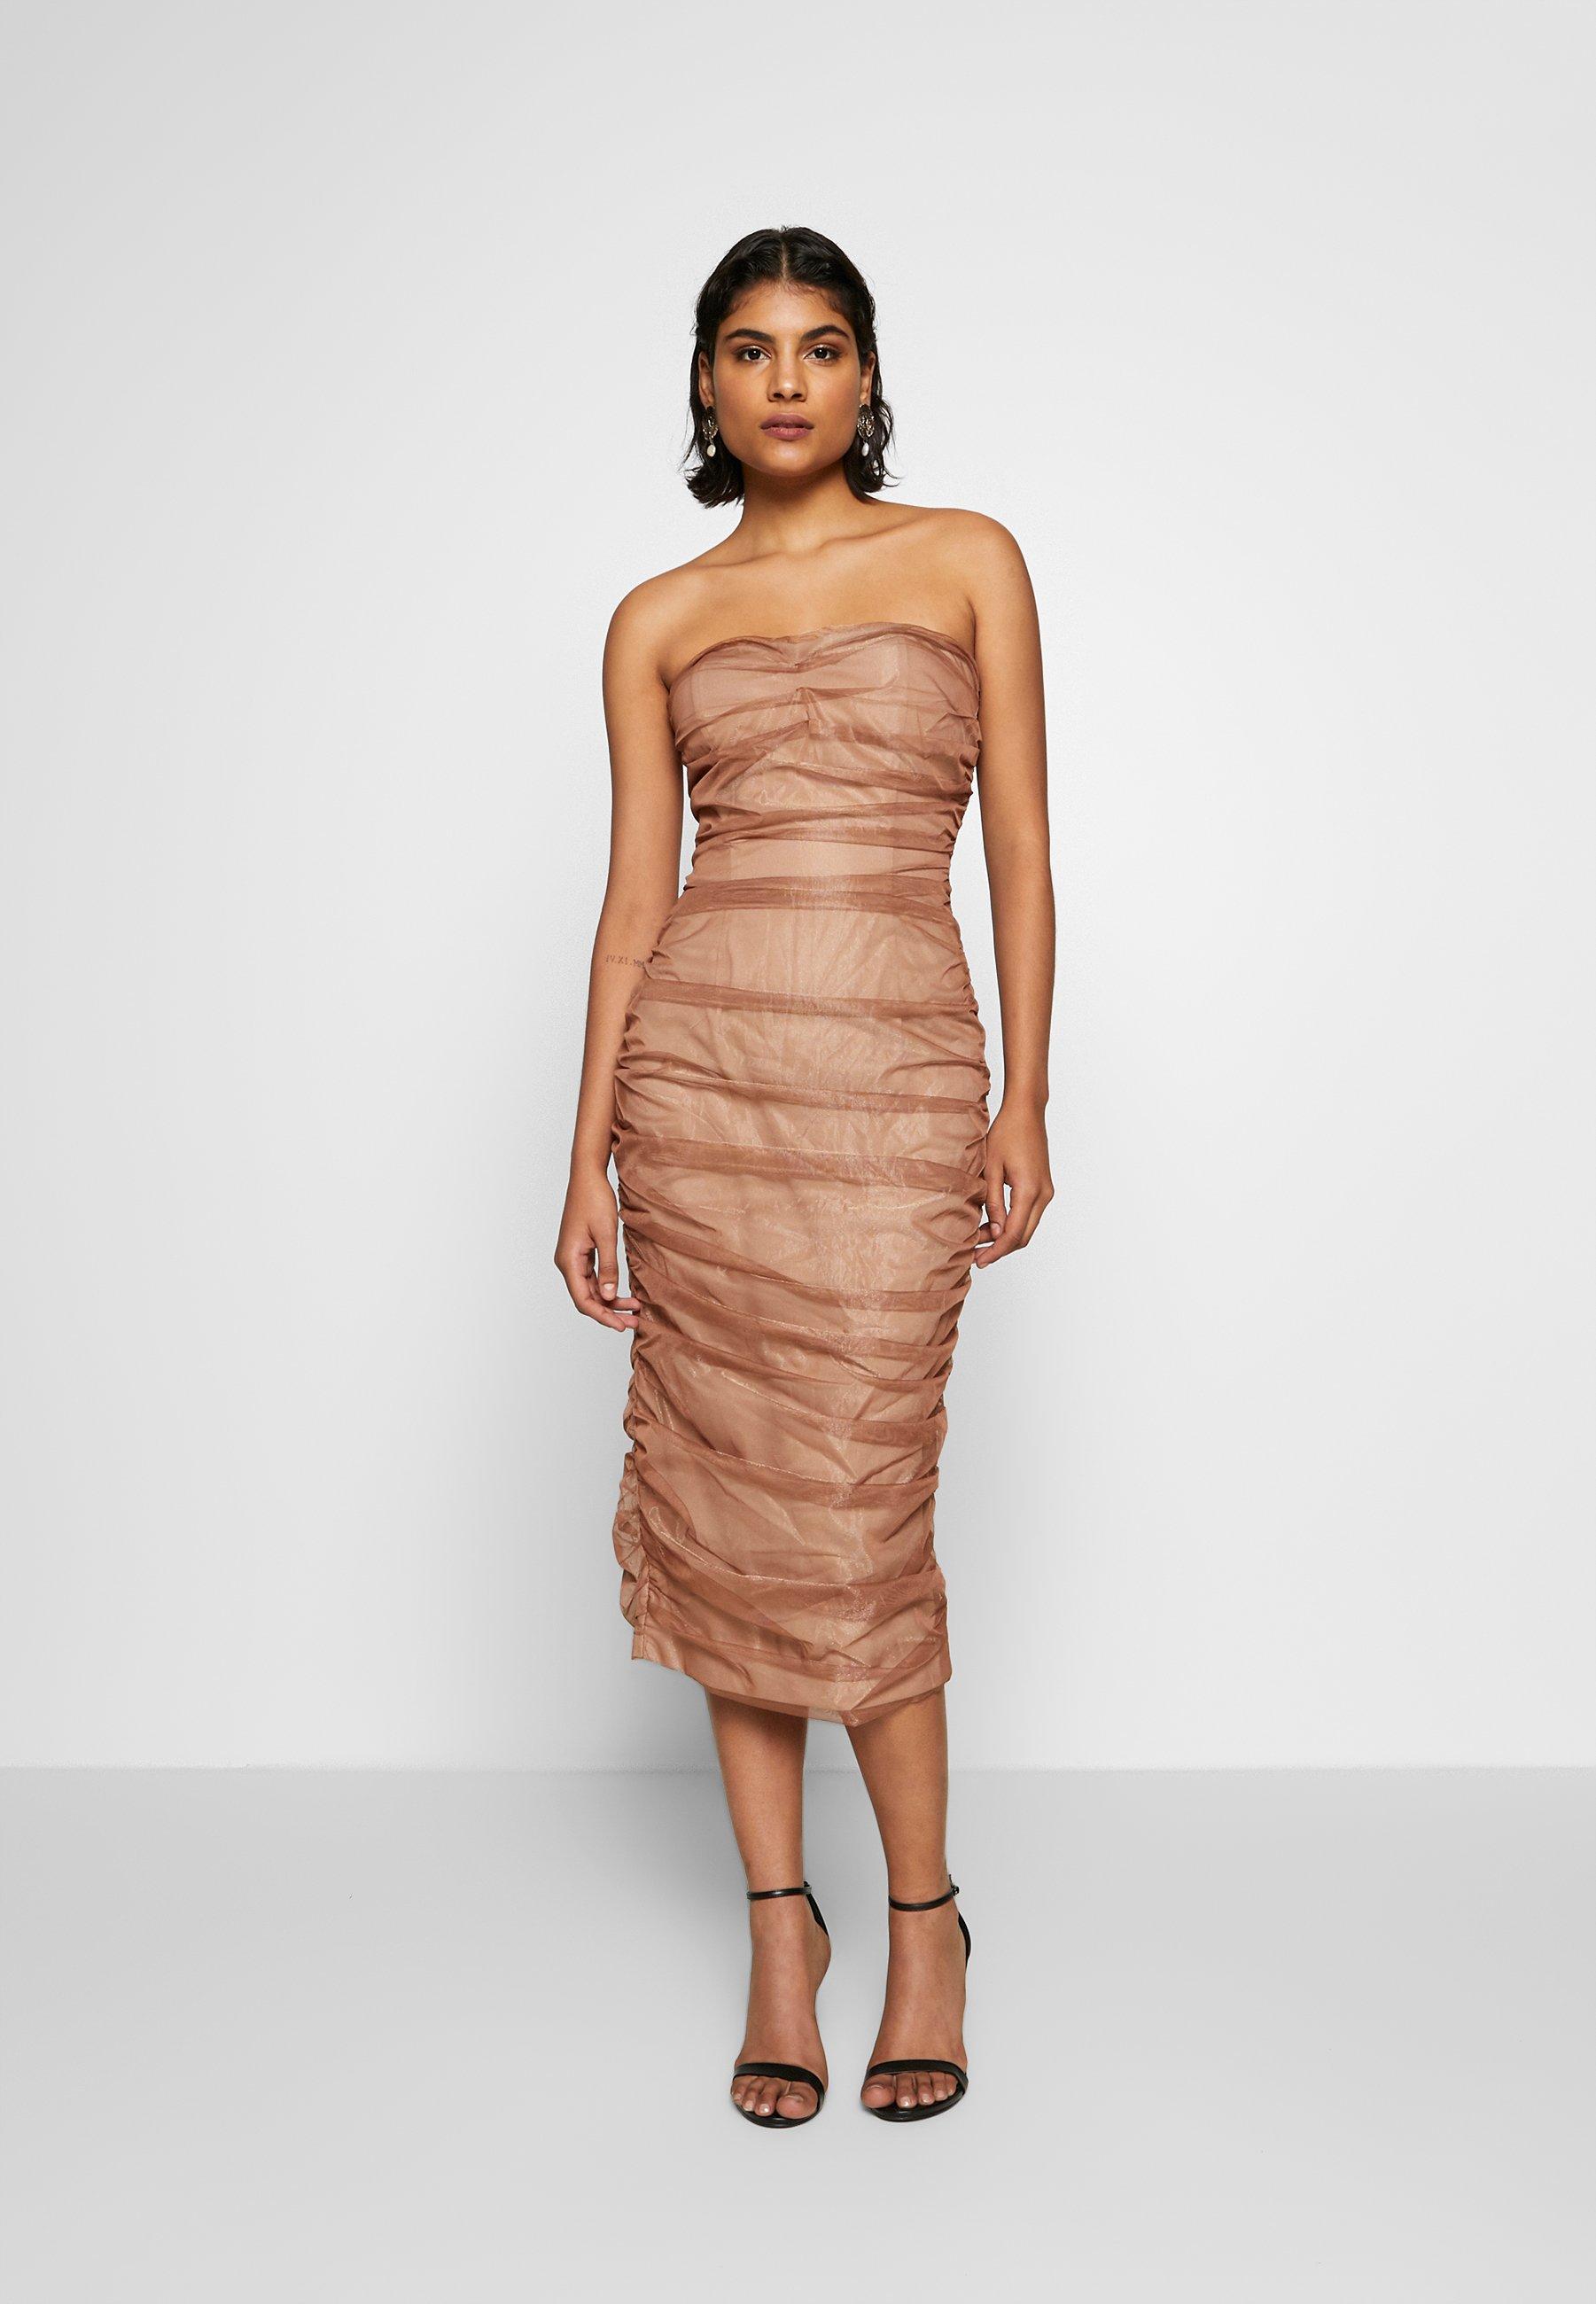 Lexi Courtney Dress Cocktail Dress Party Dress Rose Gold Gold Zalando Co Uk